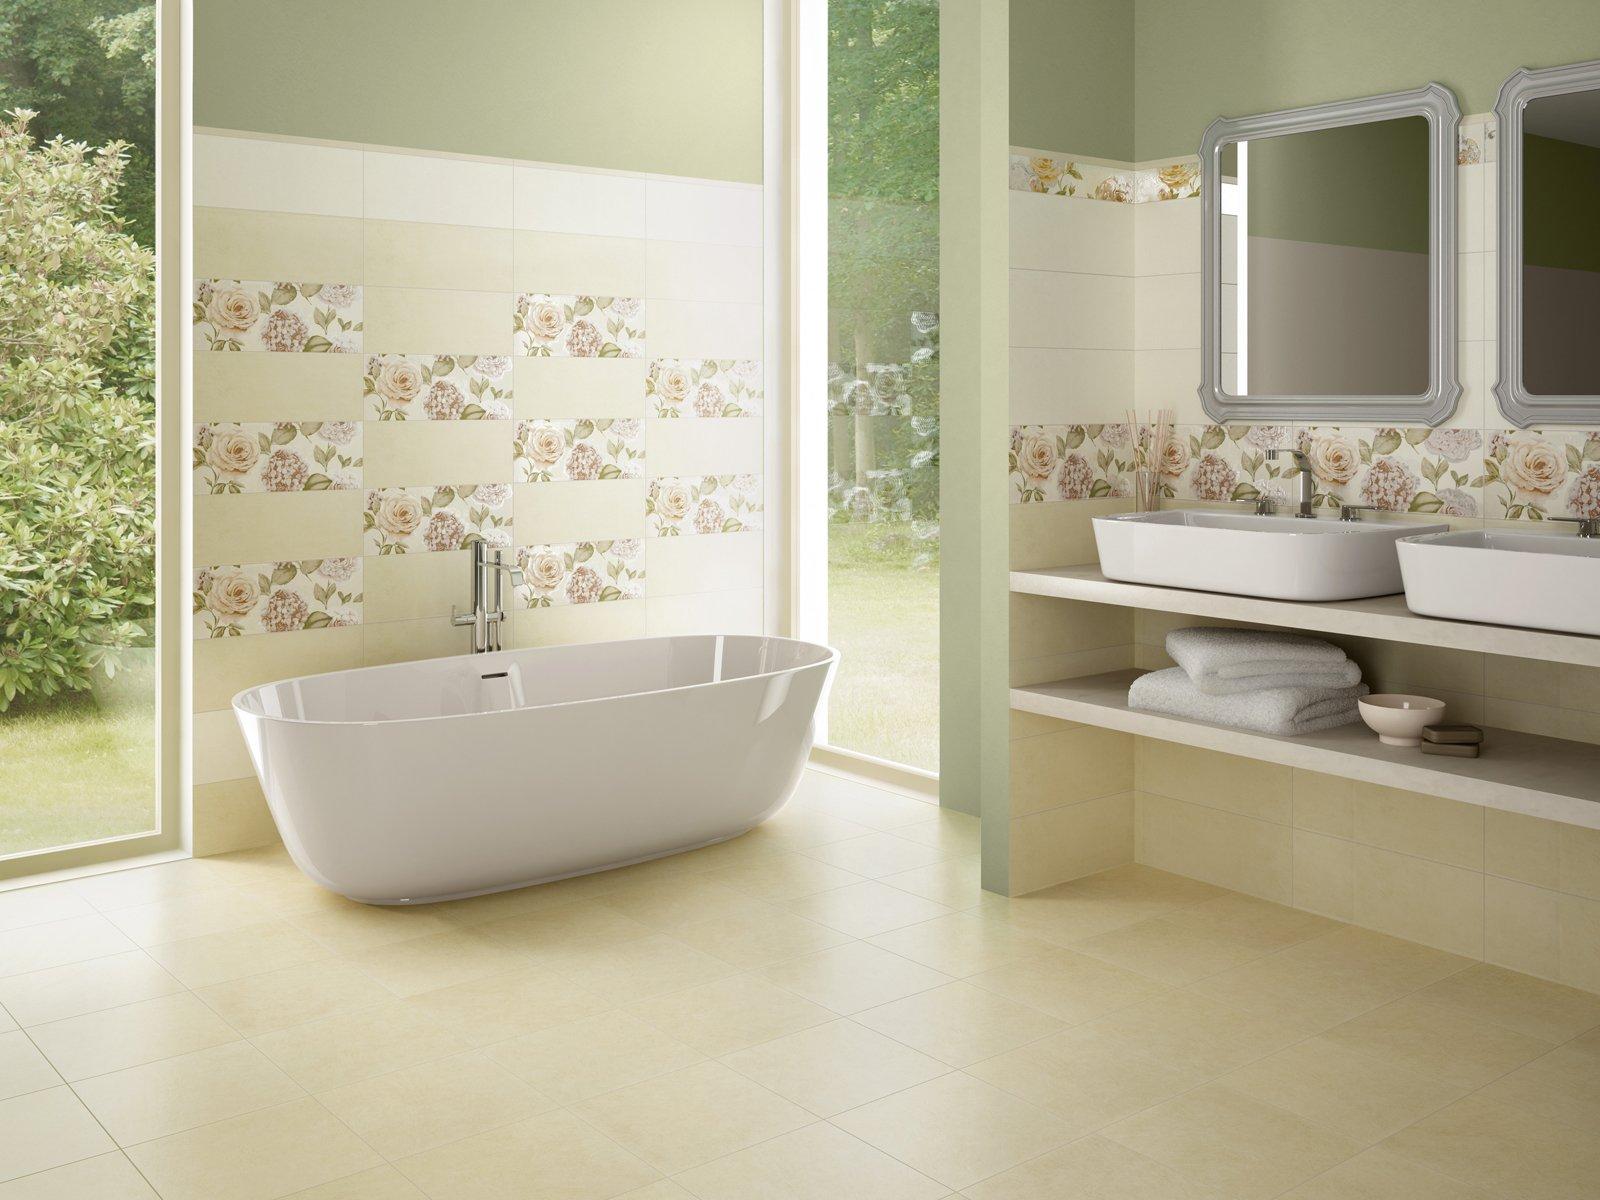 Piastrelle Bagno Beige Mosaico : Piastrelle bagno mosaico beige ...